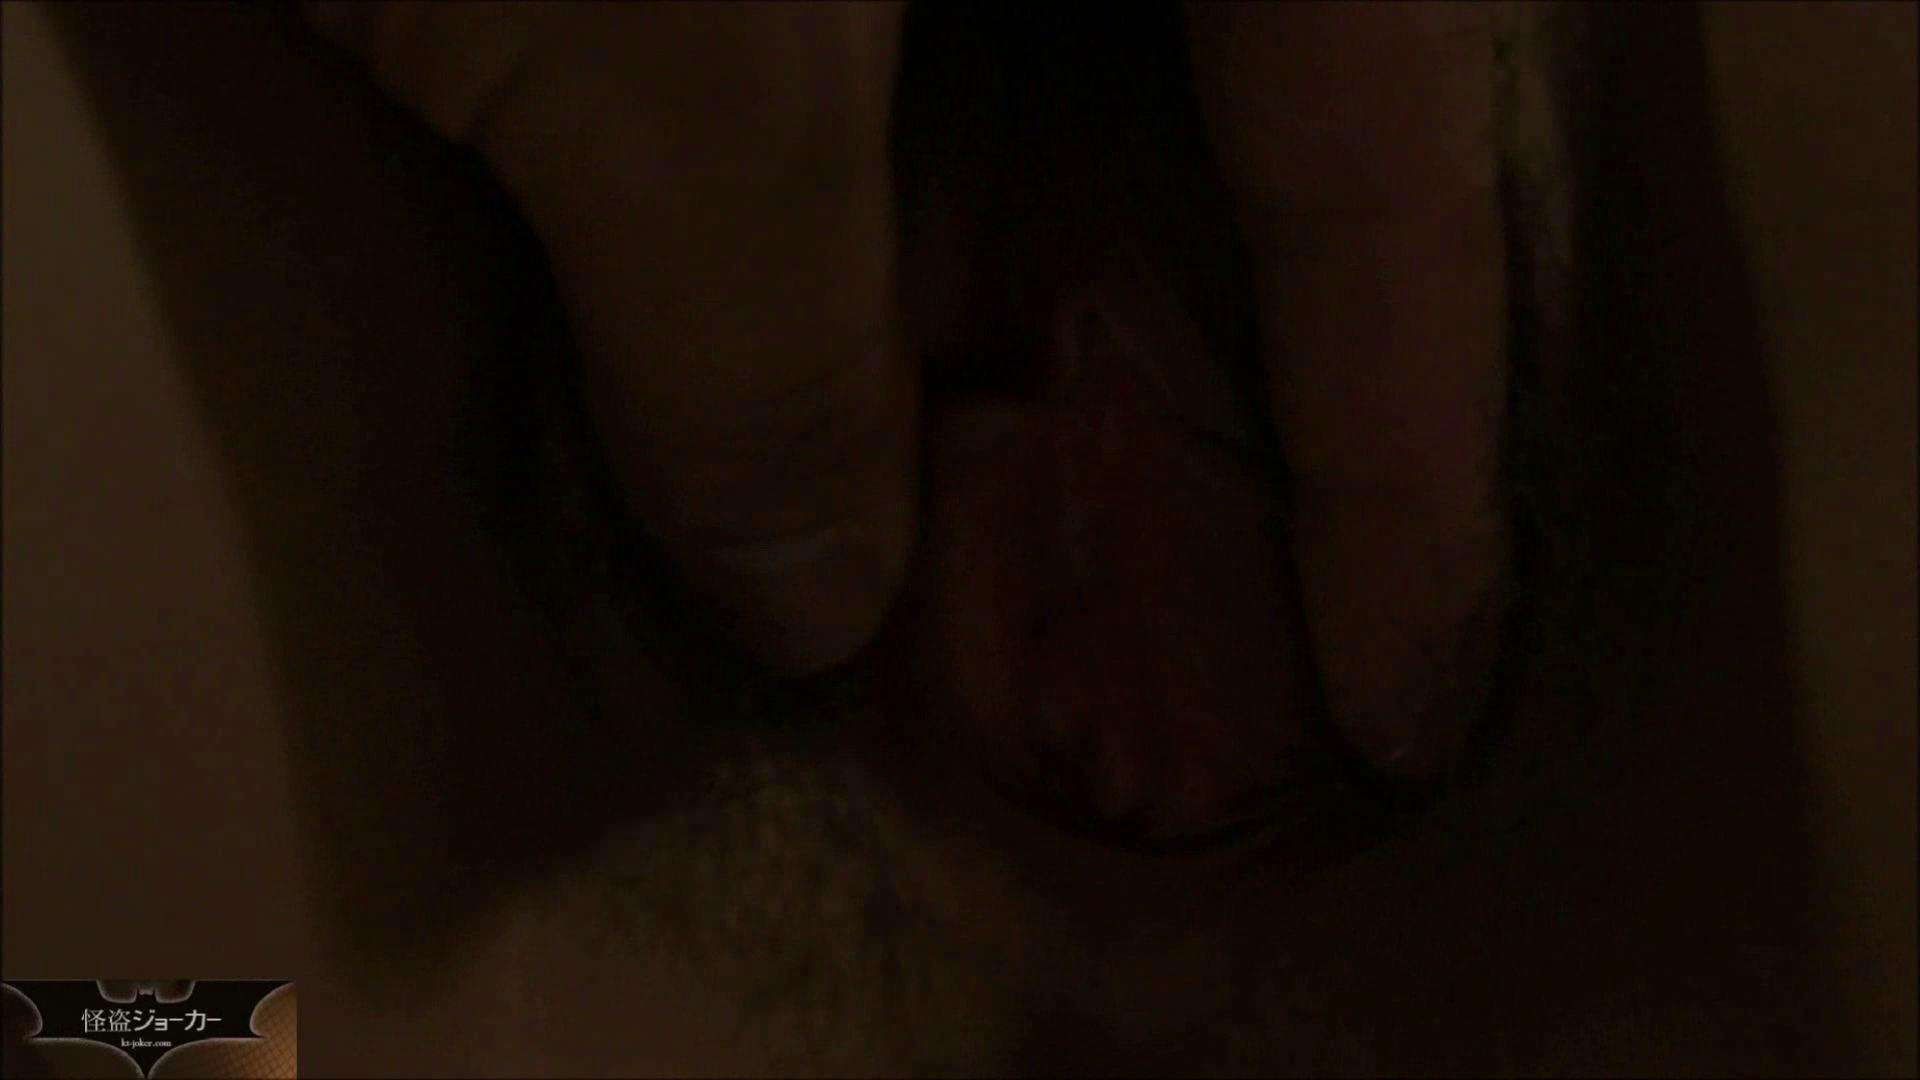 【未公開】vol.38 制月反コスの小春・・・幼顔に精液を垂らして。 高画質 エロ無料画像 93画像 5